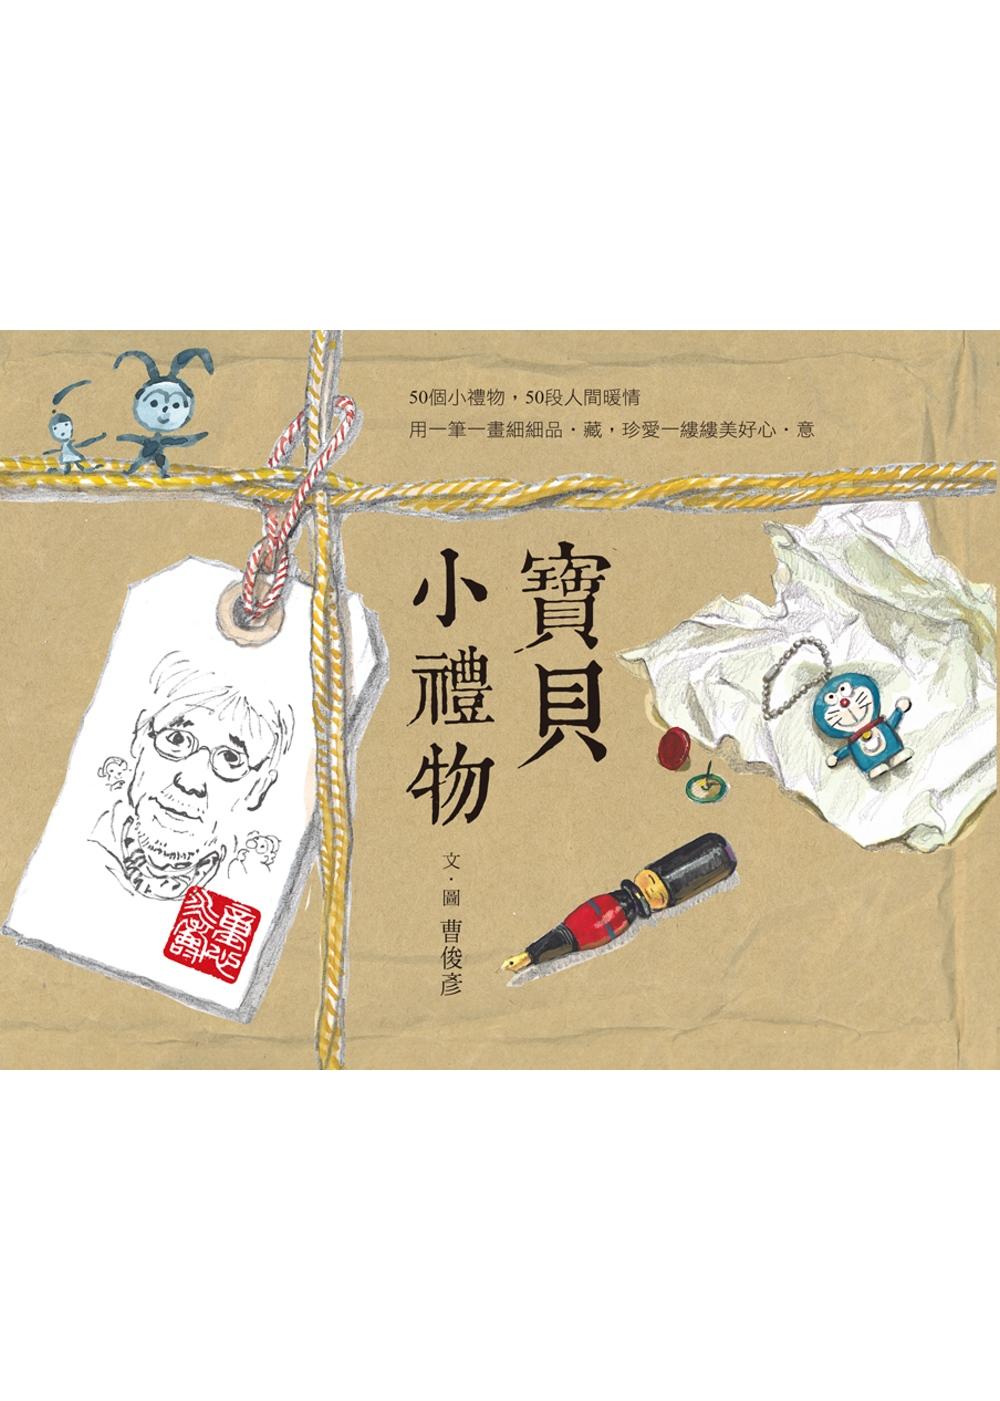 寶貝小禮物:曹俊彥的私房珍藏×手繪圖文